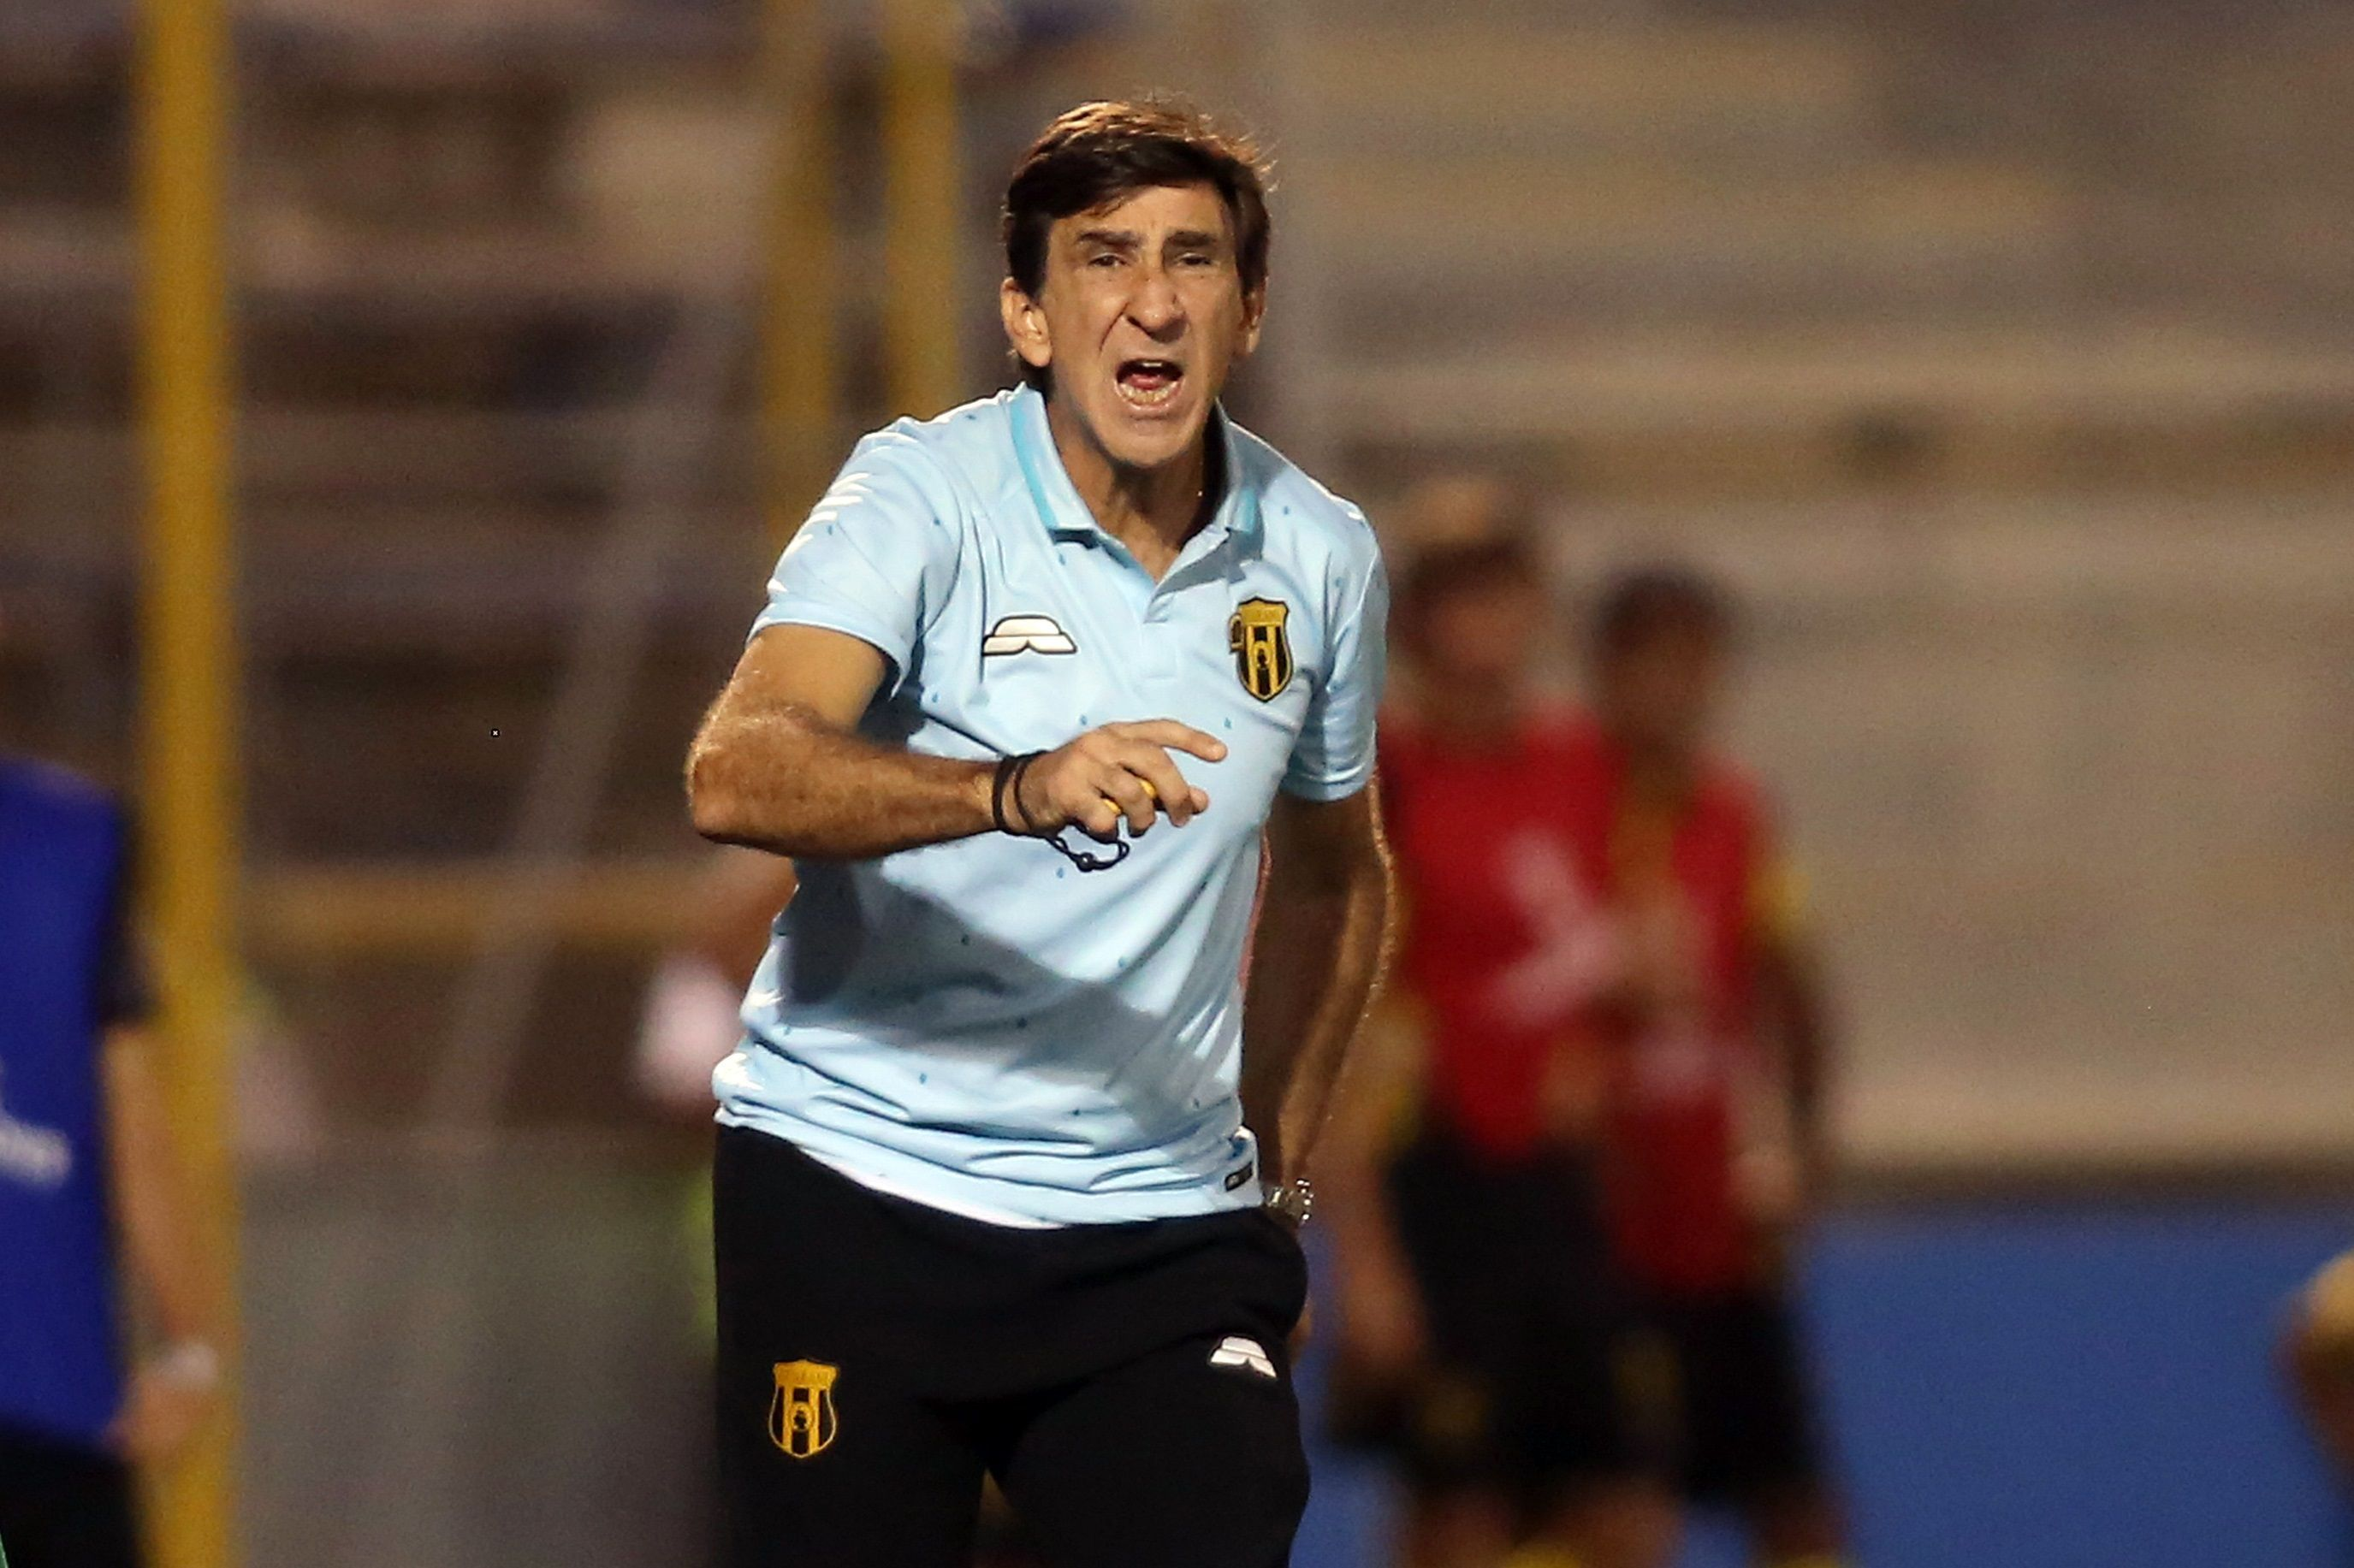 De la renuncia a la continuidad: ¿Qué pasó con Gustavo Costas? - Guaraní - ABC Color